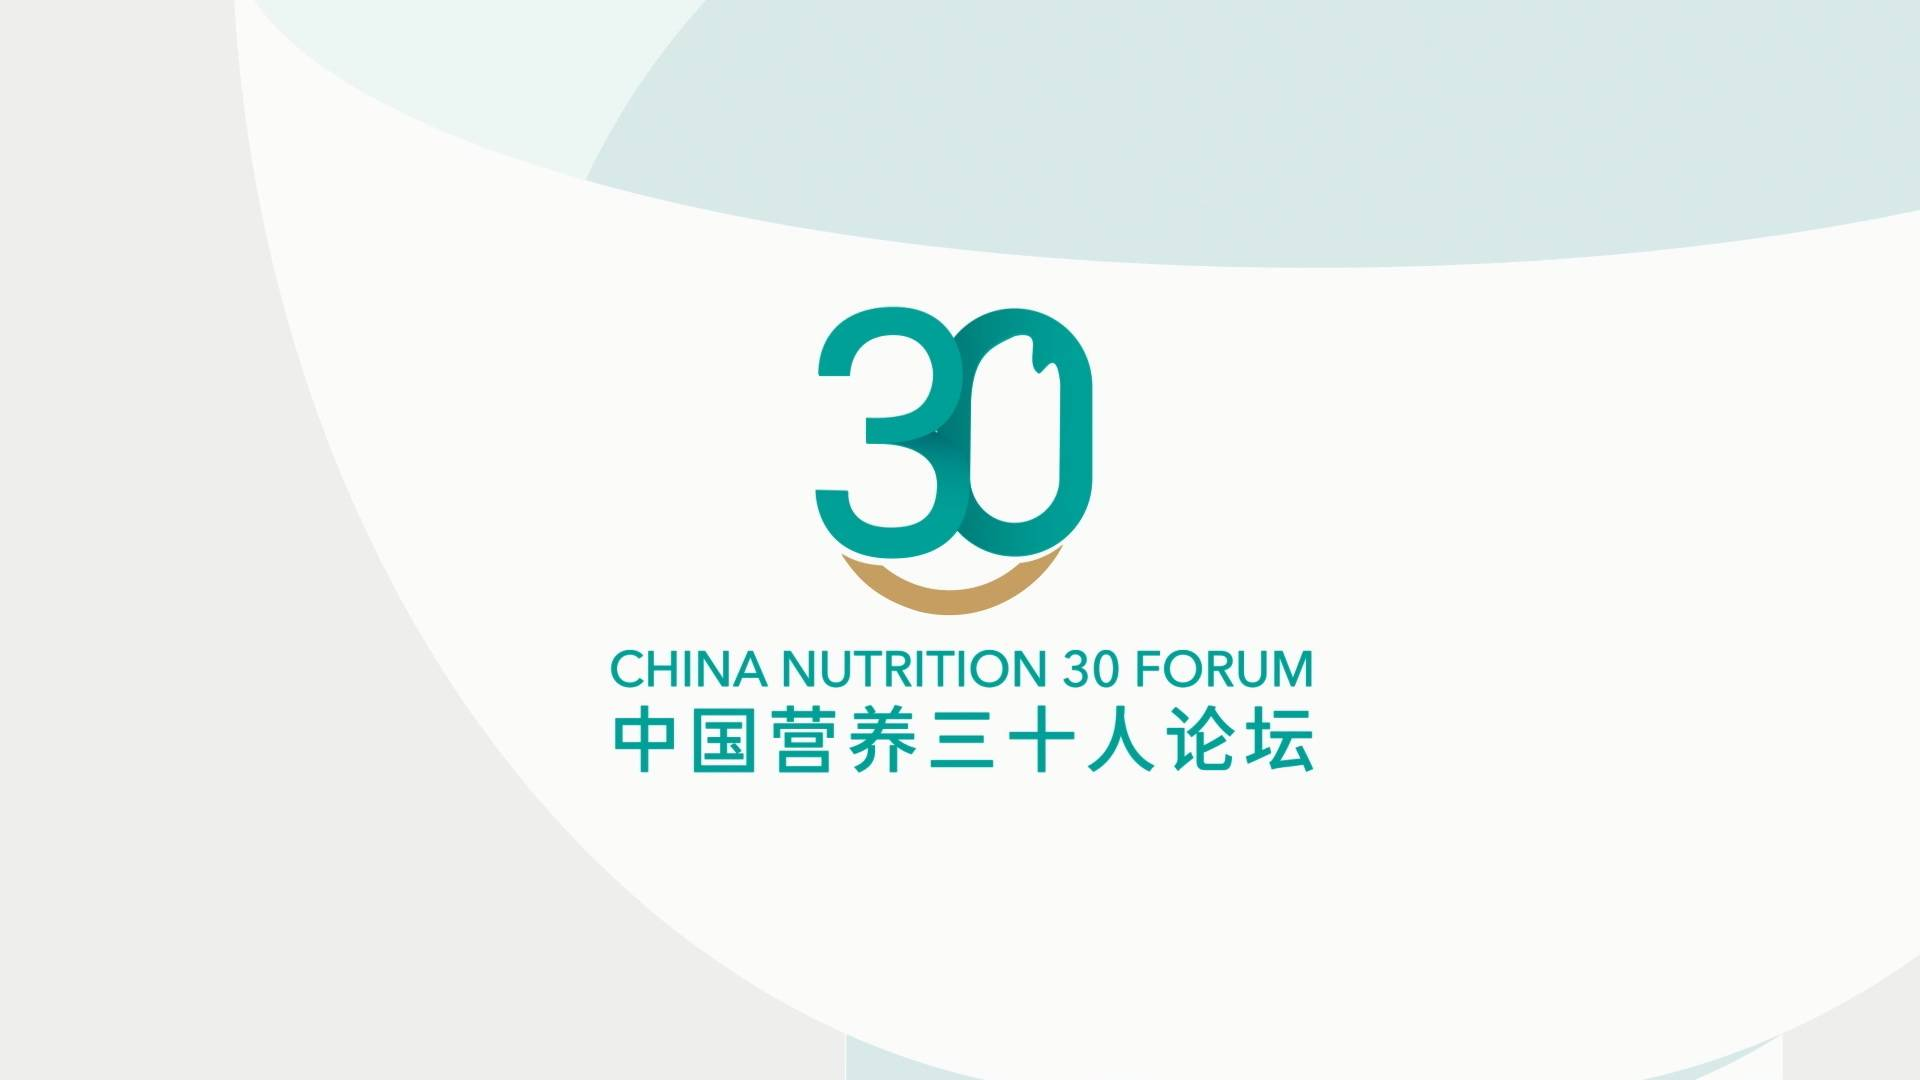 关注儿童肥胖 共创健康食物环境——首届中国营养三十人论坛成功召开